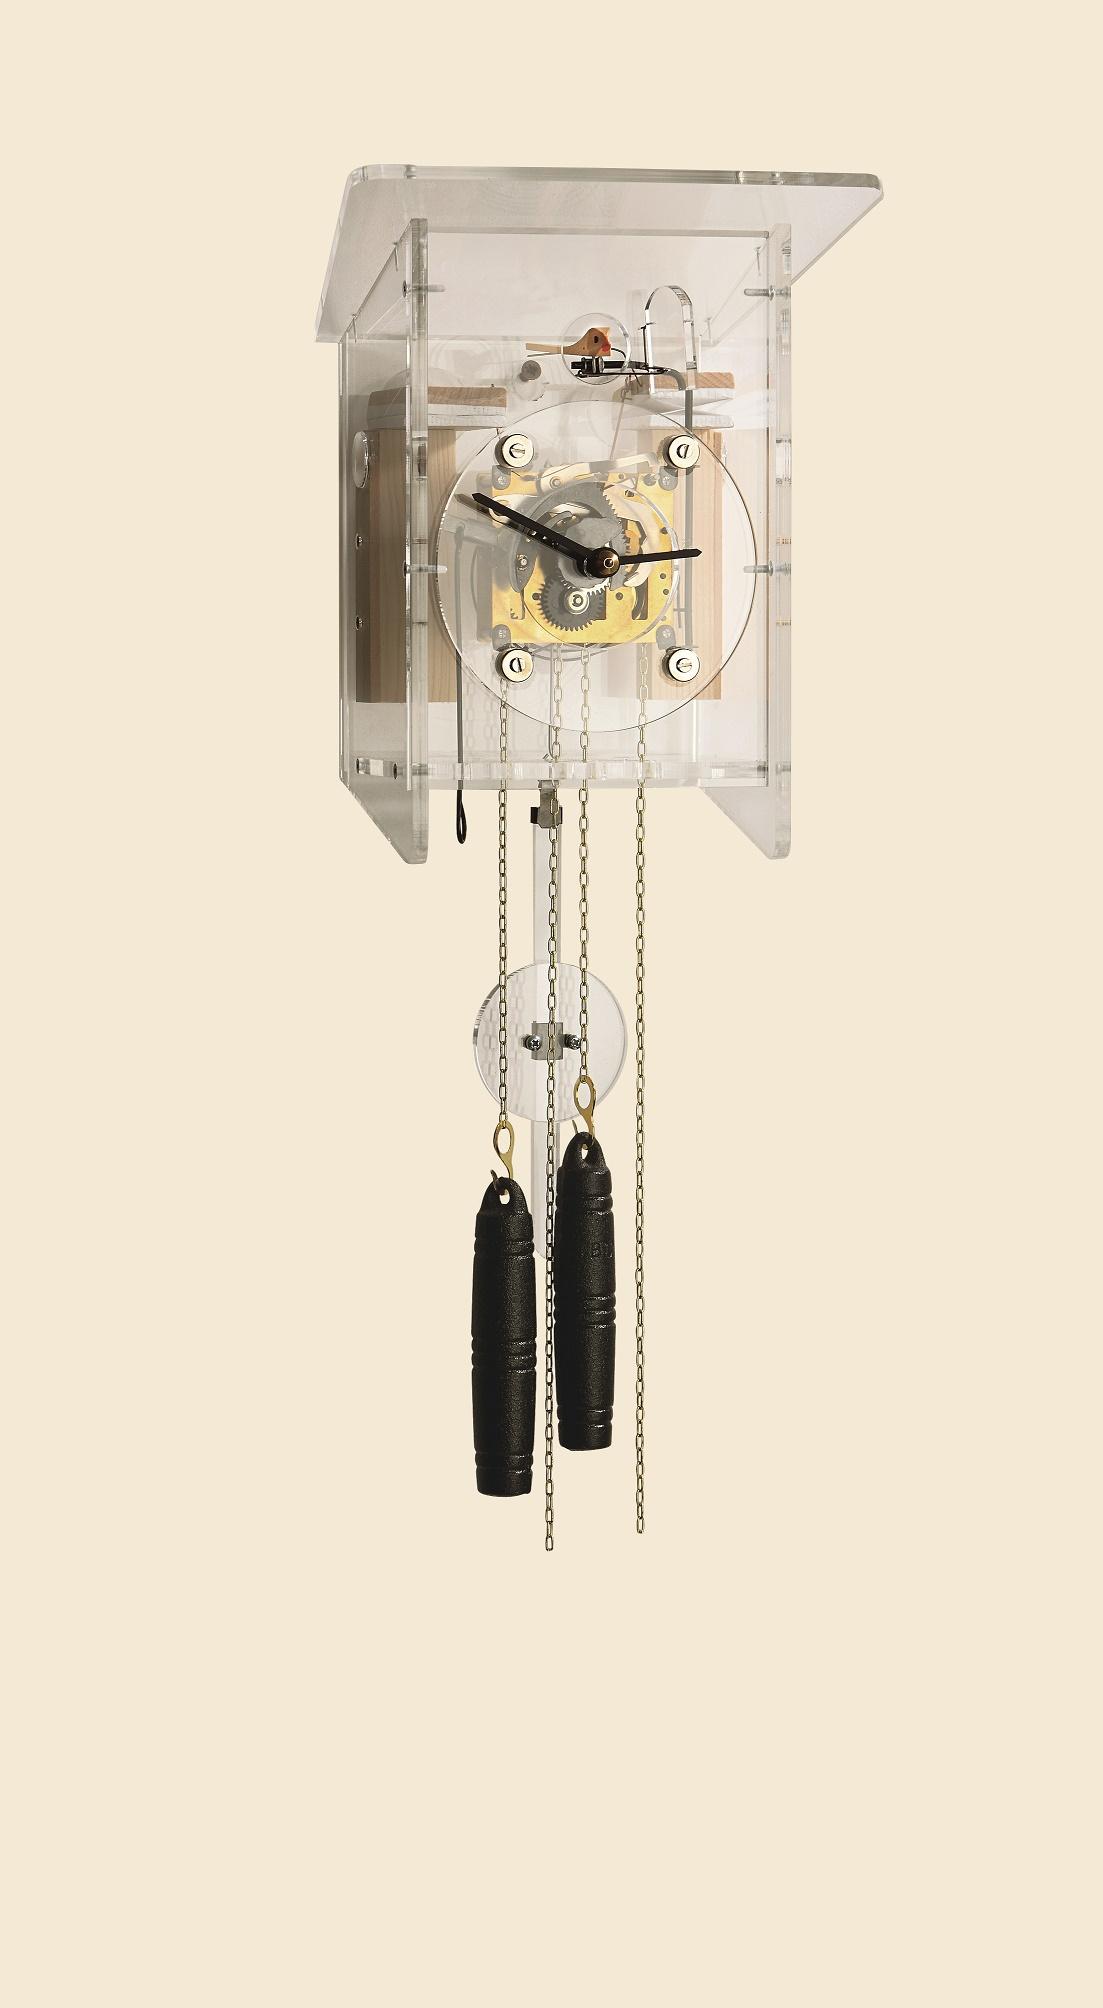 Kukučkové hodiny Hubert Herr 111/2 AC